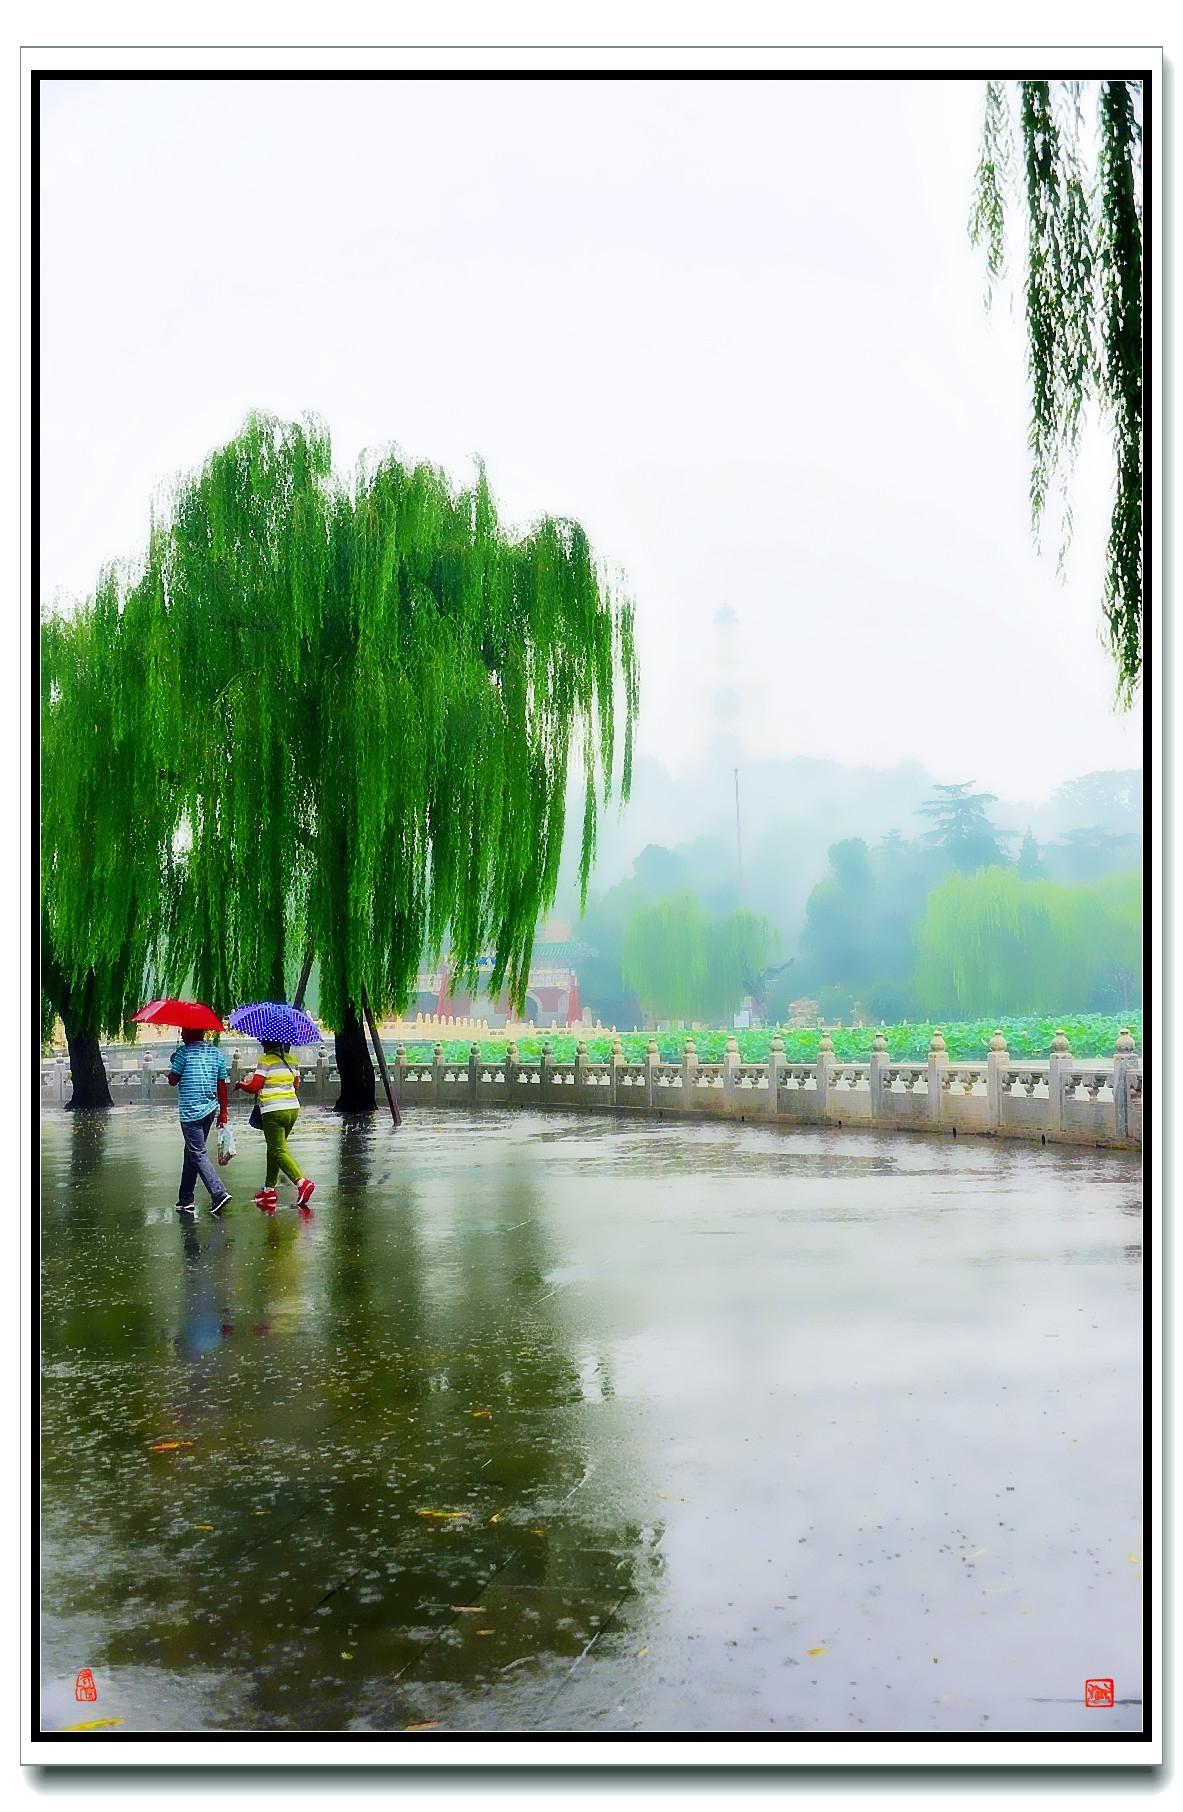 老张喜爱摄影作品:白塔蒙蒙细雨中